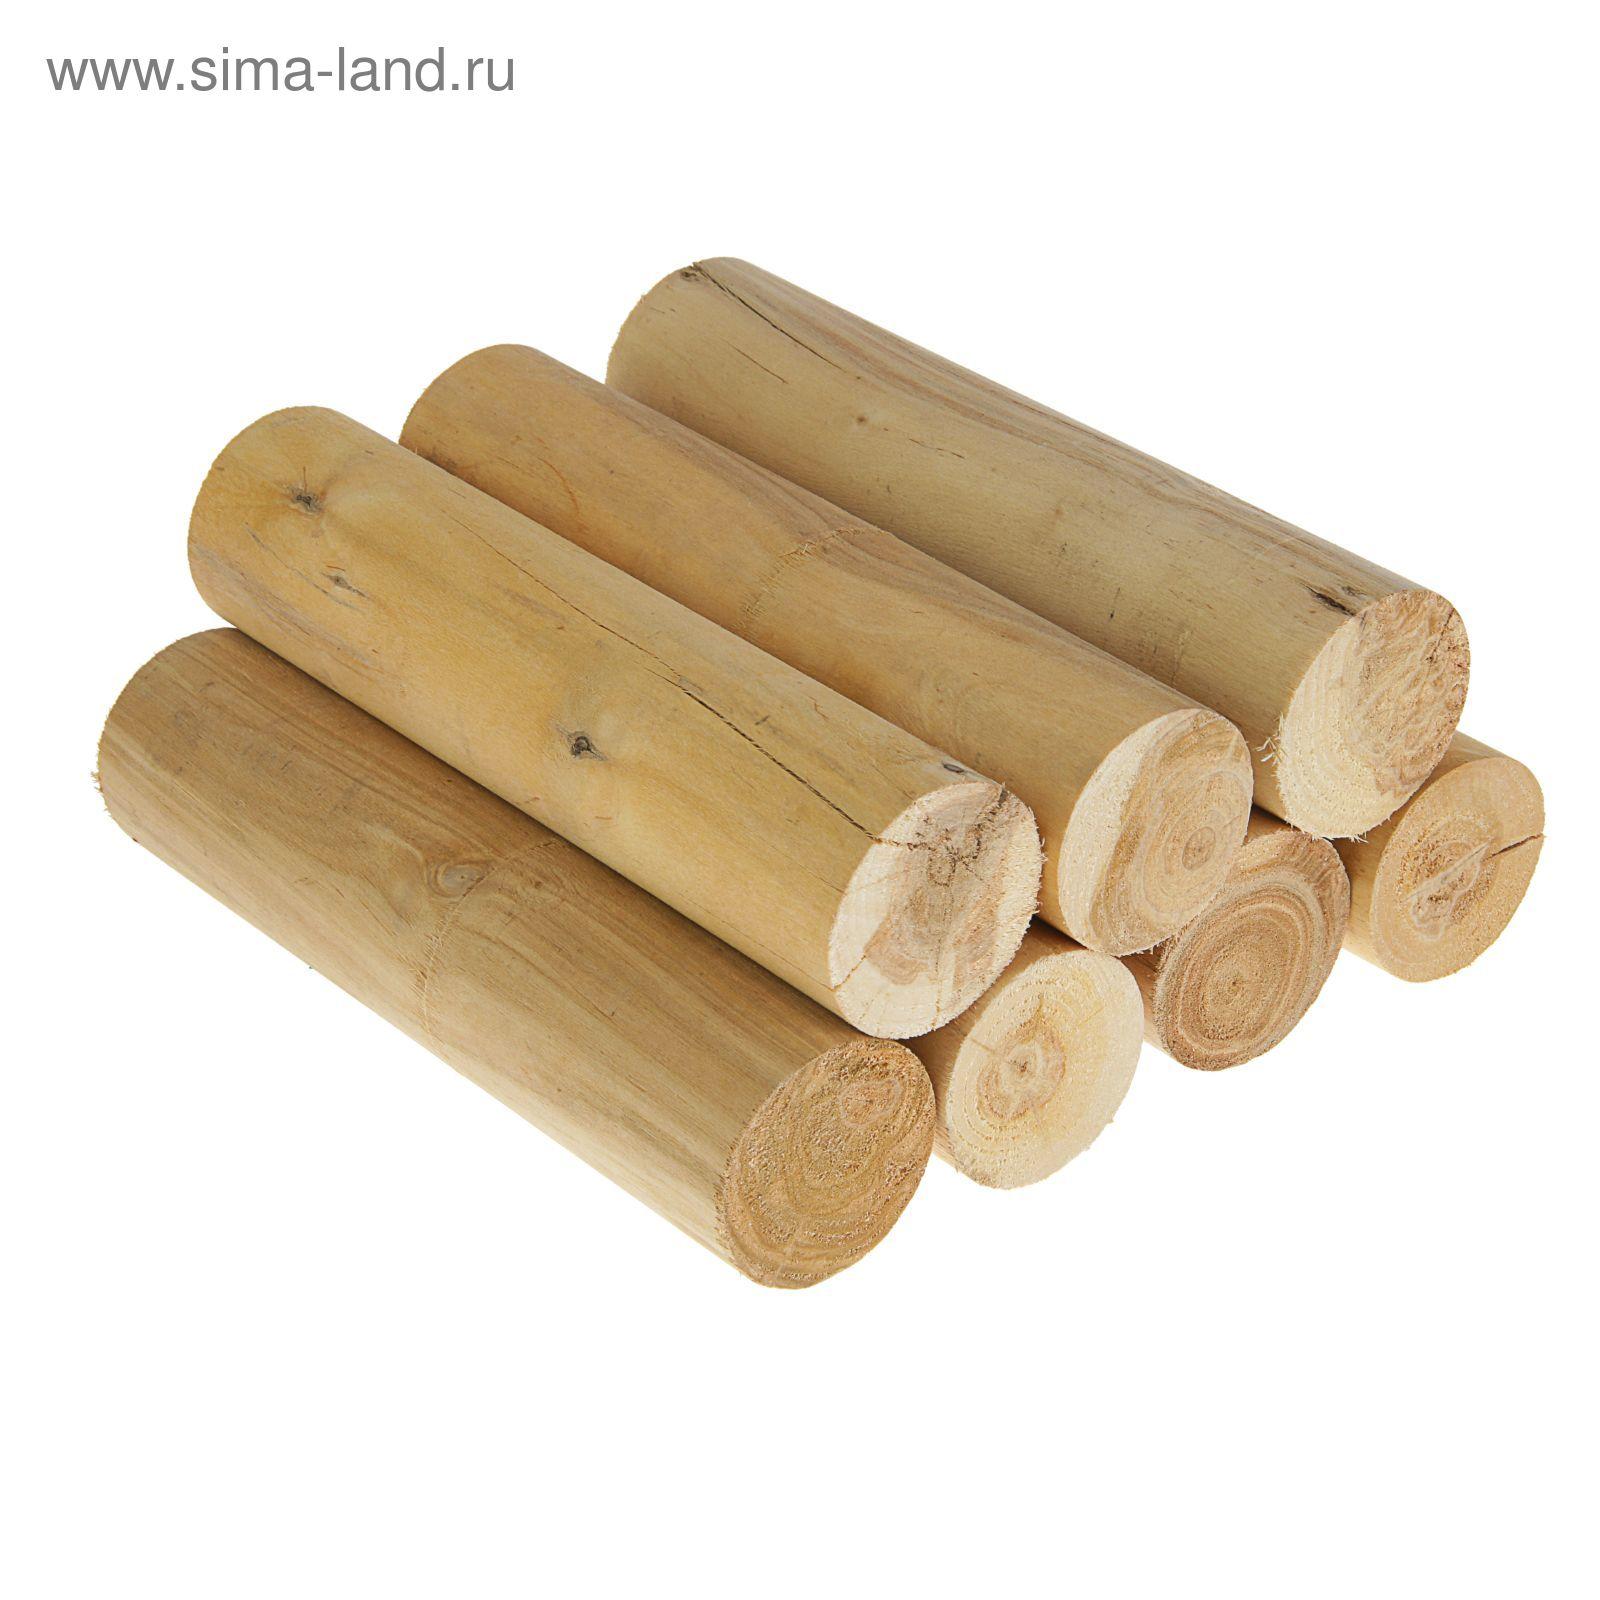 Цены на рассылку дров, ее негры трахают на диване порно видео